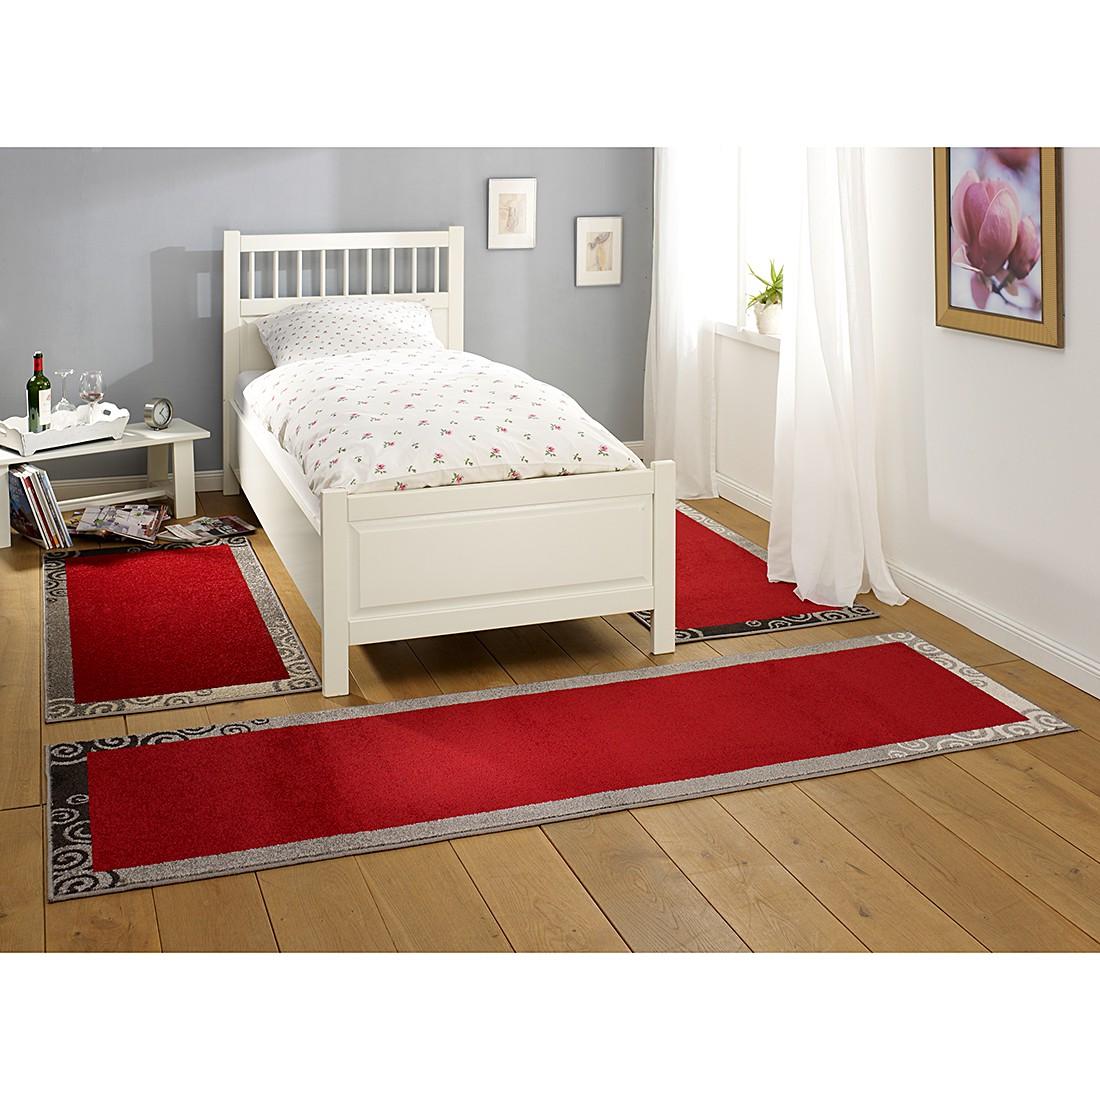 Teppiche Online Günstig Kaufen über Shop24.at | Shop24